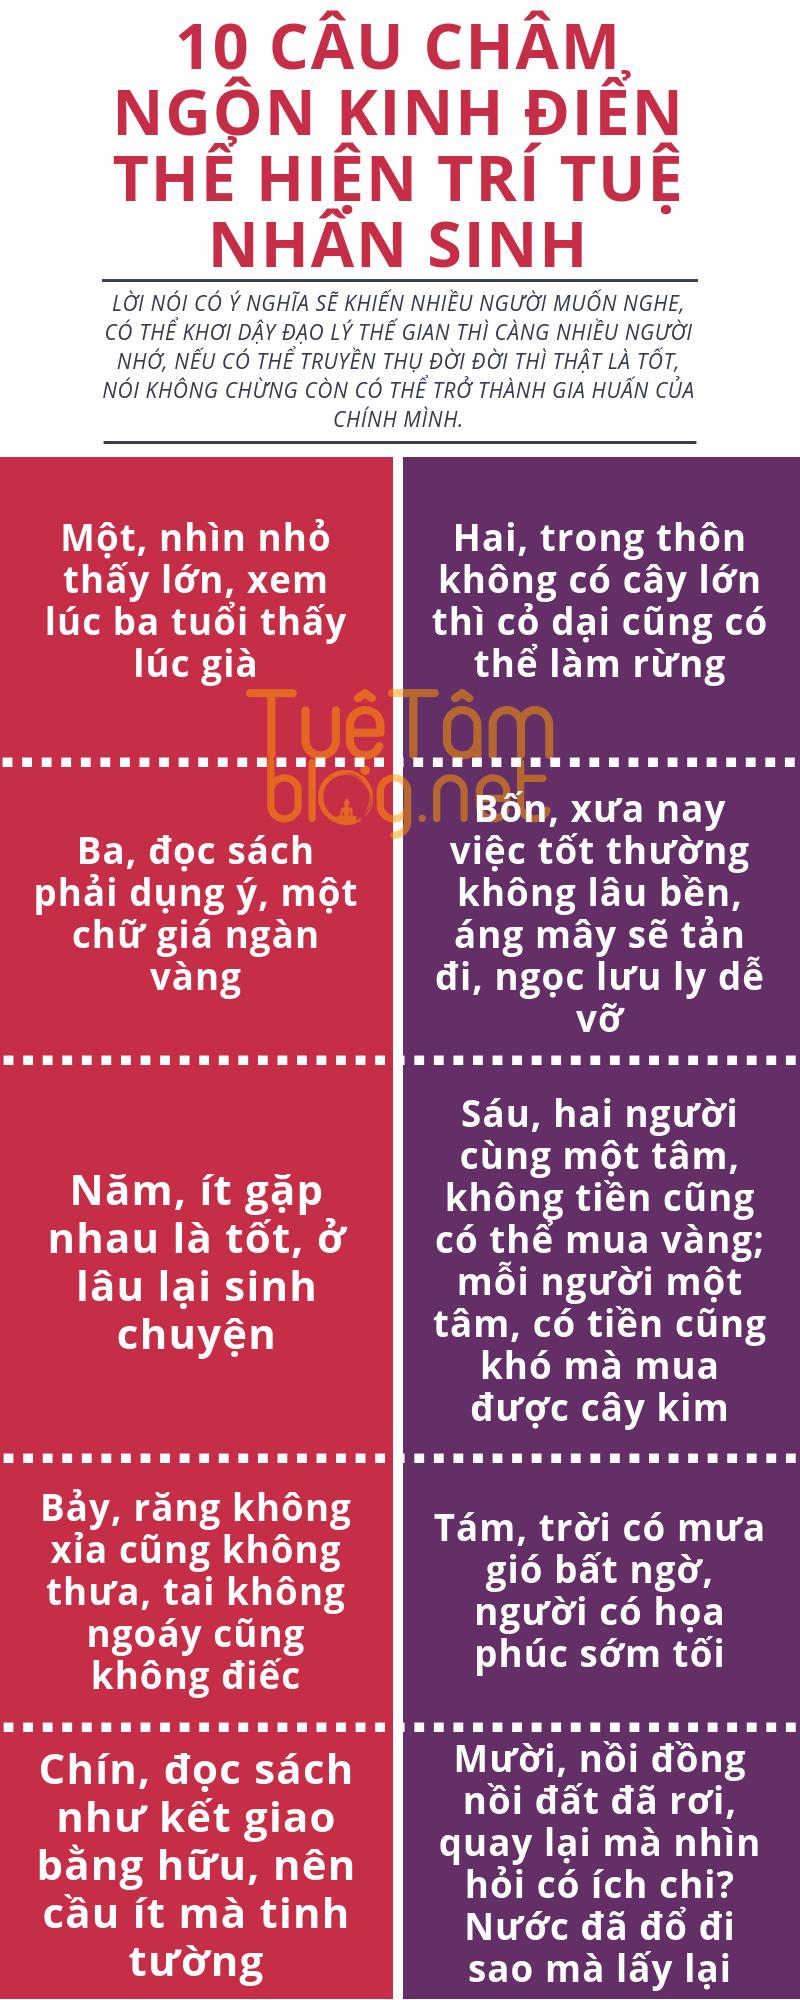 10 Cau Cham Ngon Kinh điển Thể Hiện Tri Tuệ Nhan Sinh Infographic Inspiration Lifestyle Cham Ngon Lời Khuyen Cham Ngon Về Cuộc Sống